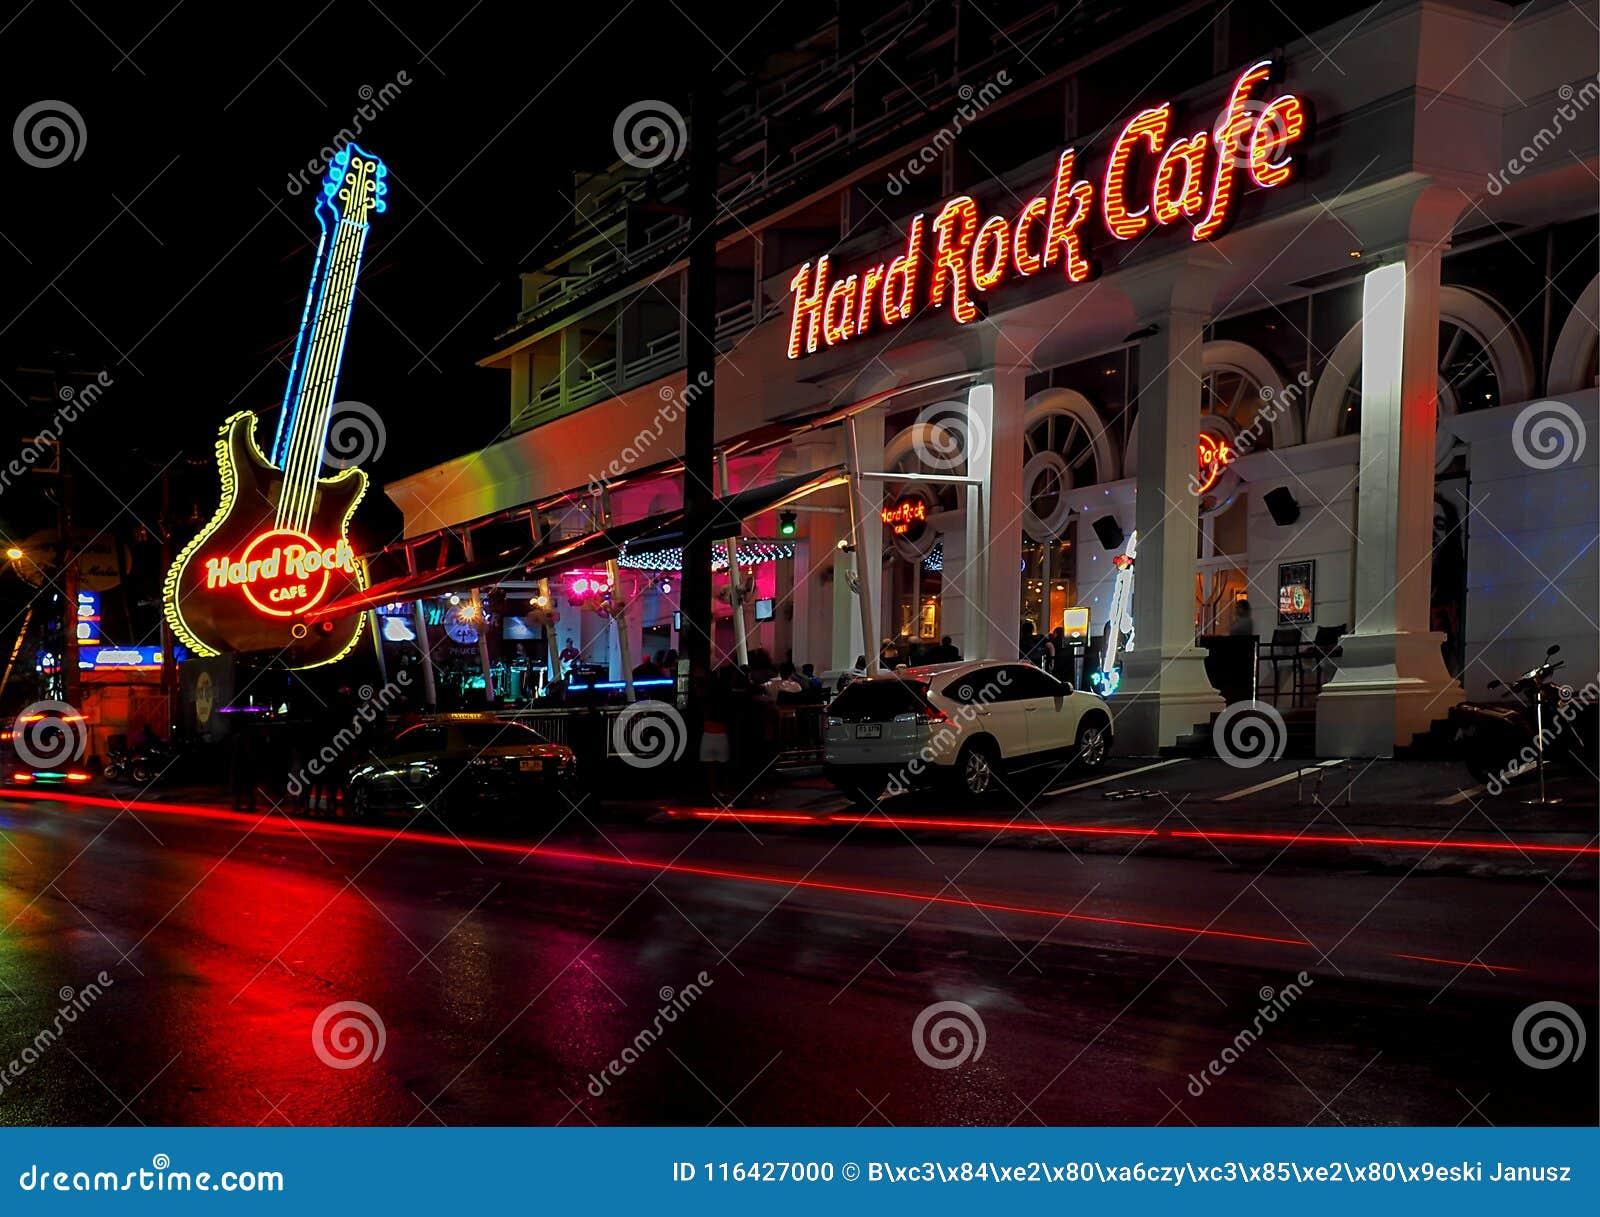 Hard- Rock Cafemusikverein